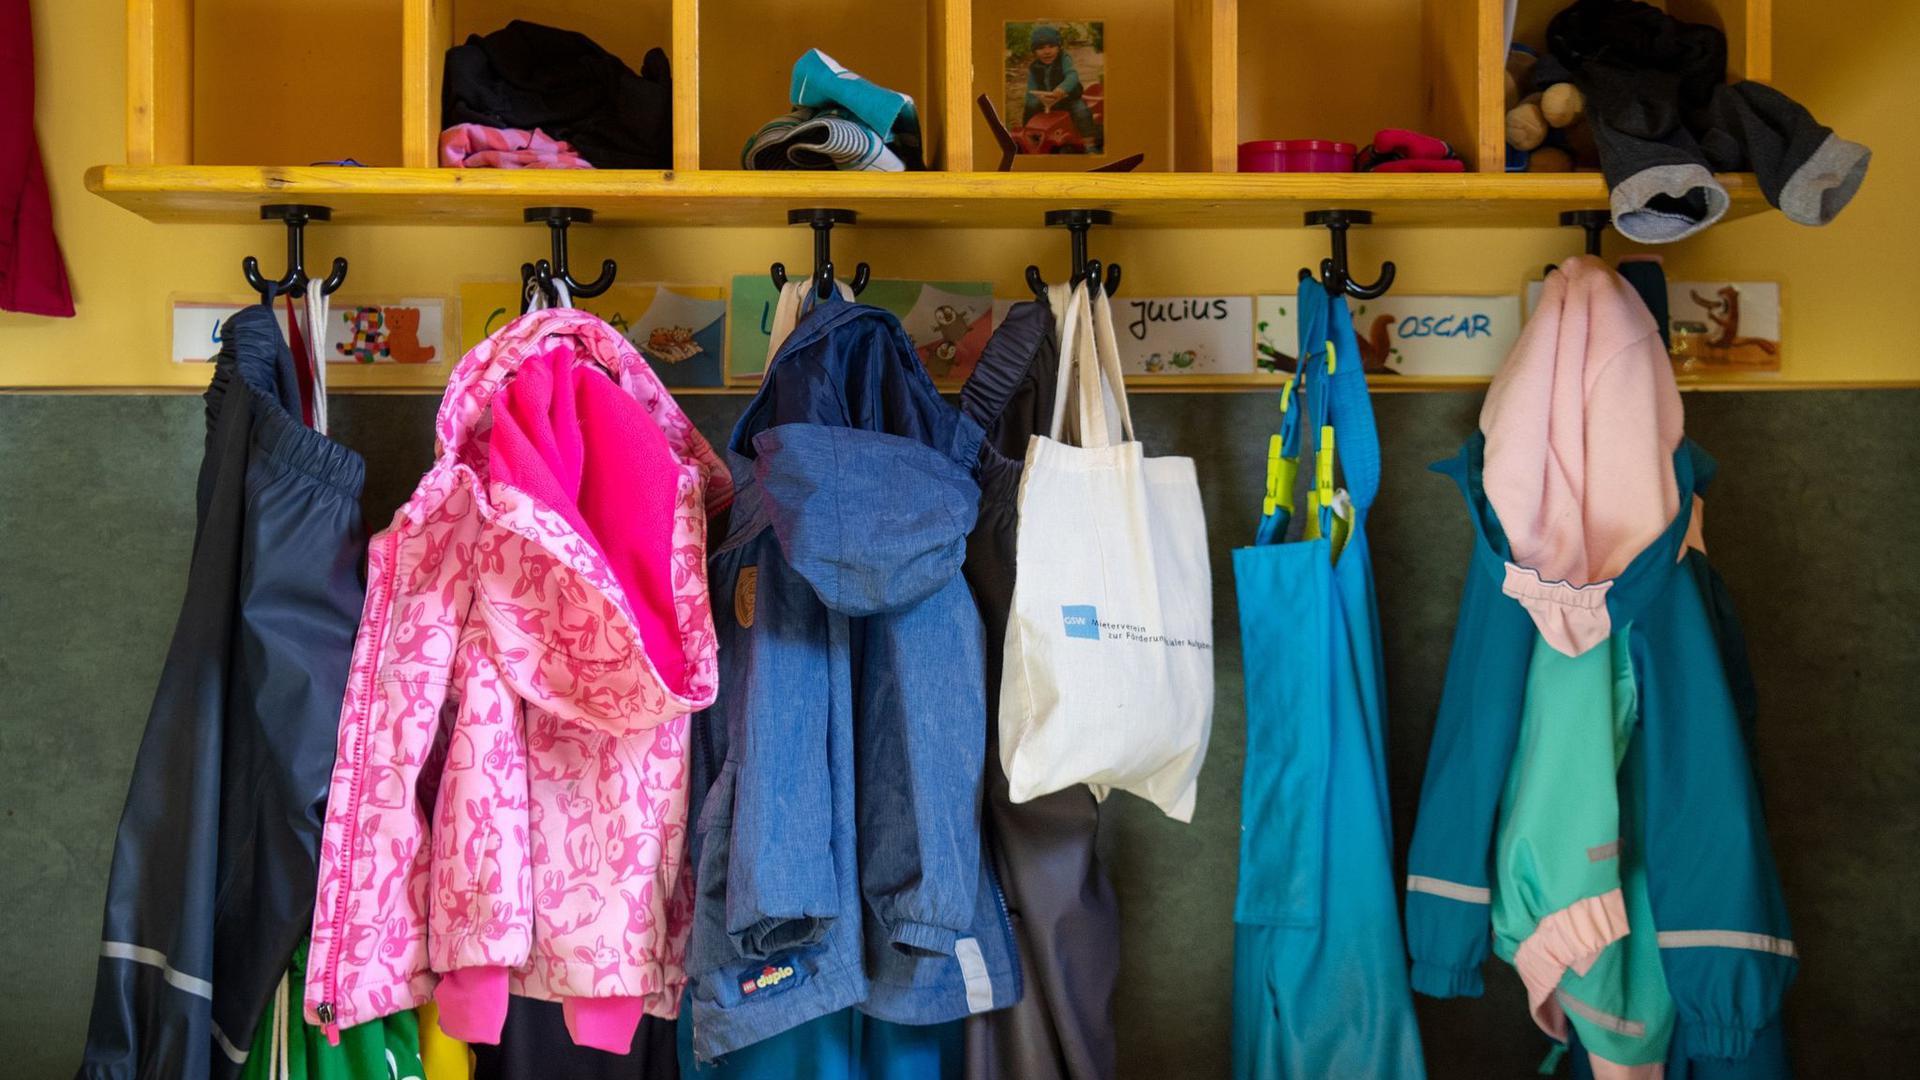 Jacken und Taschen hängen im Eingangsbereich in einem Kindergarten.